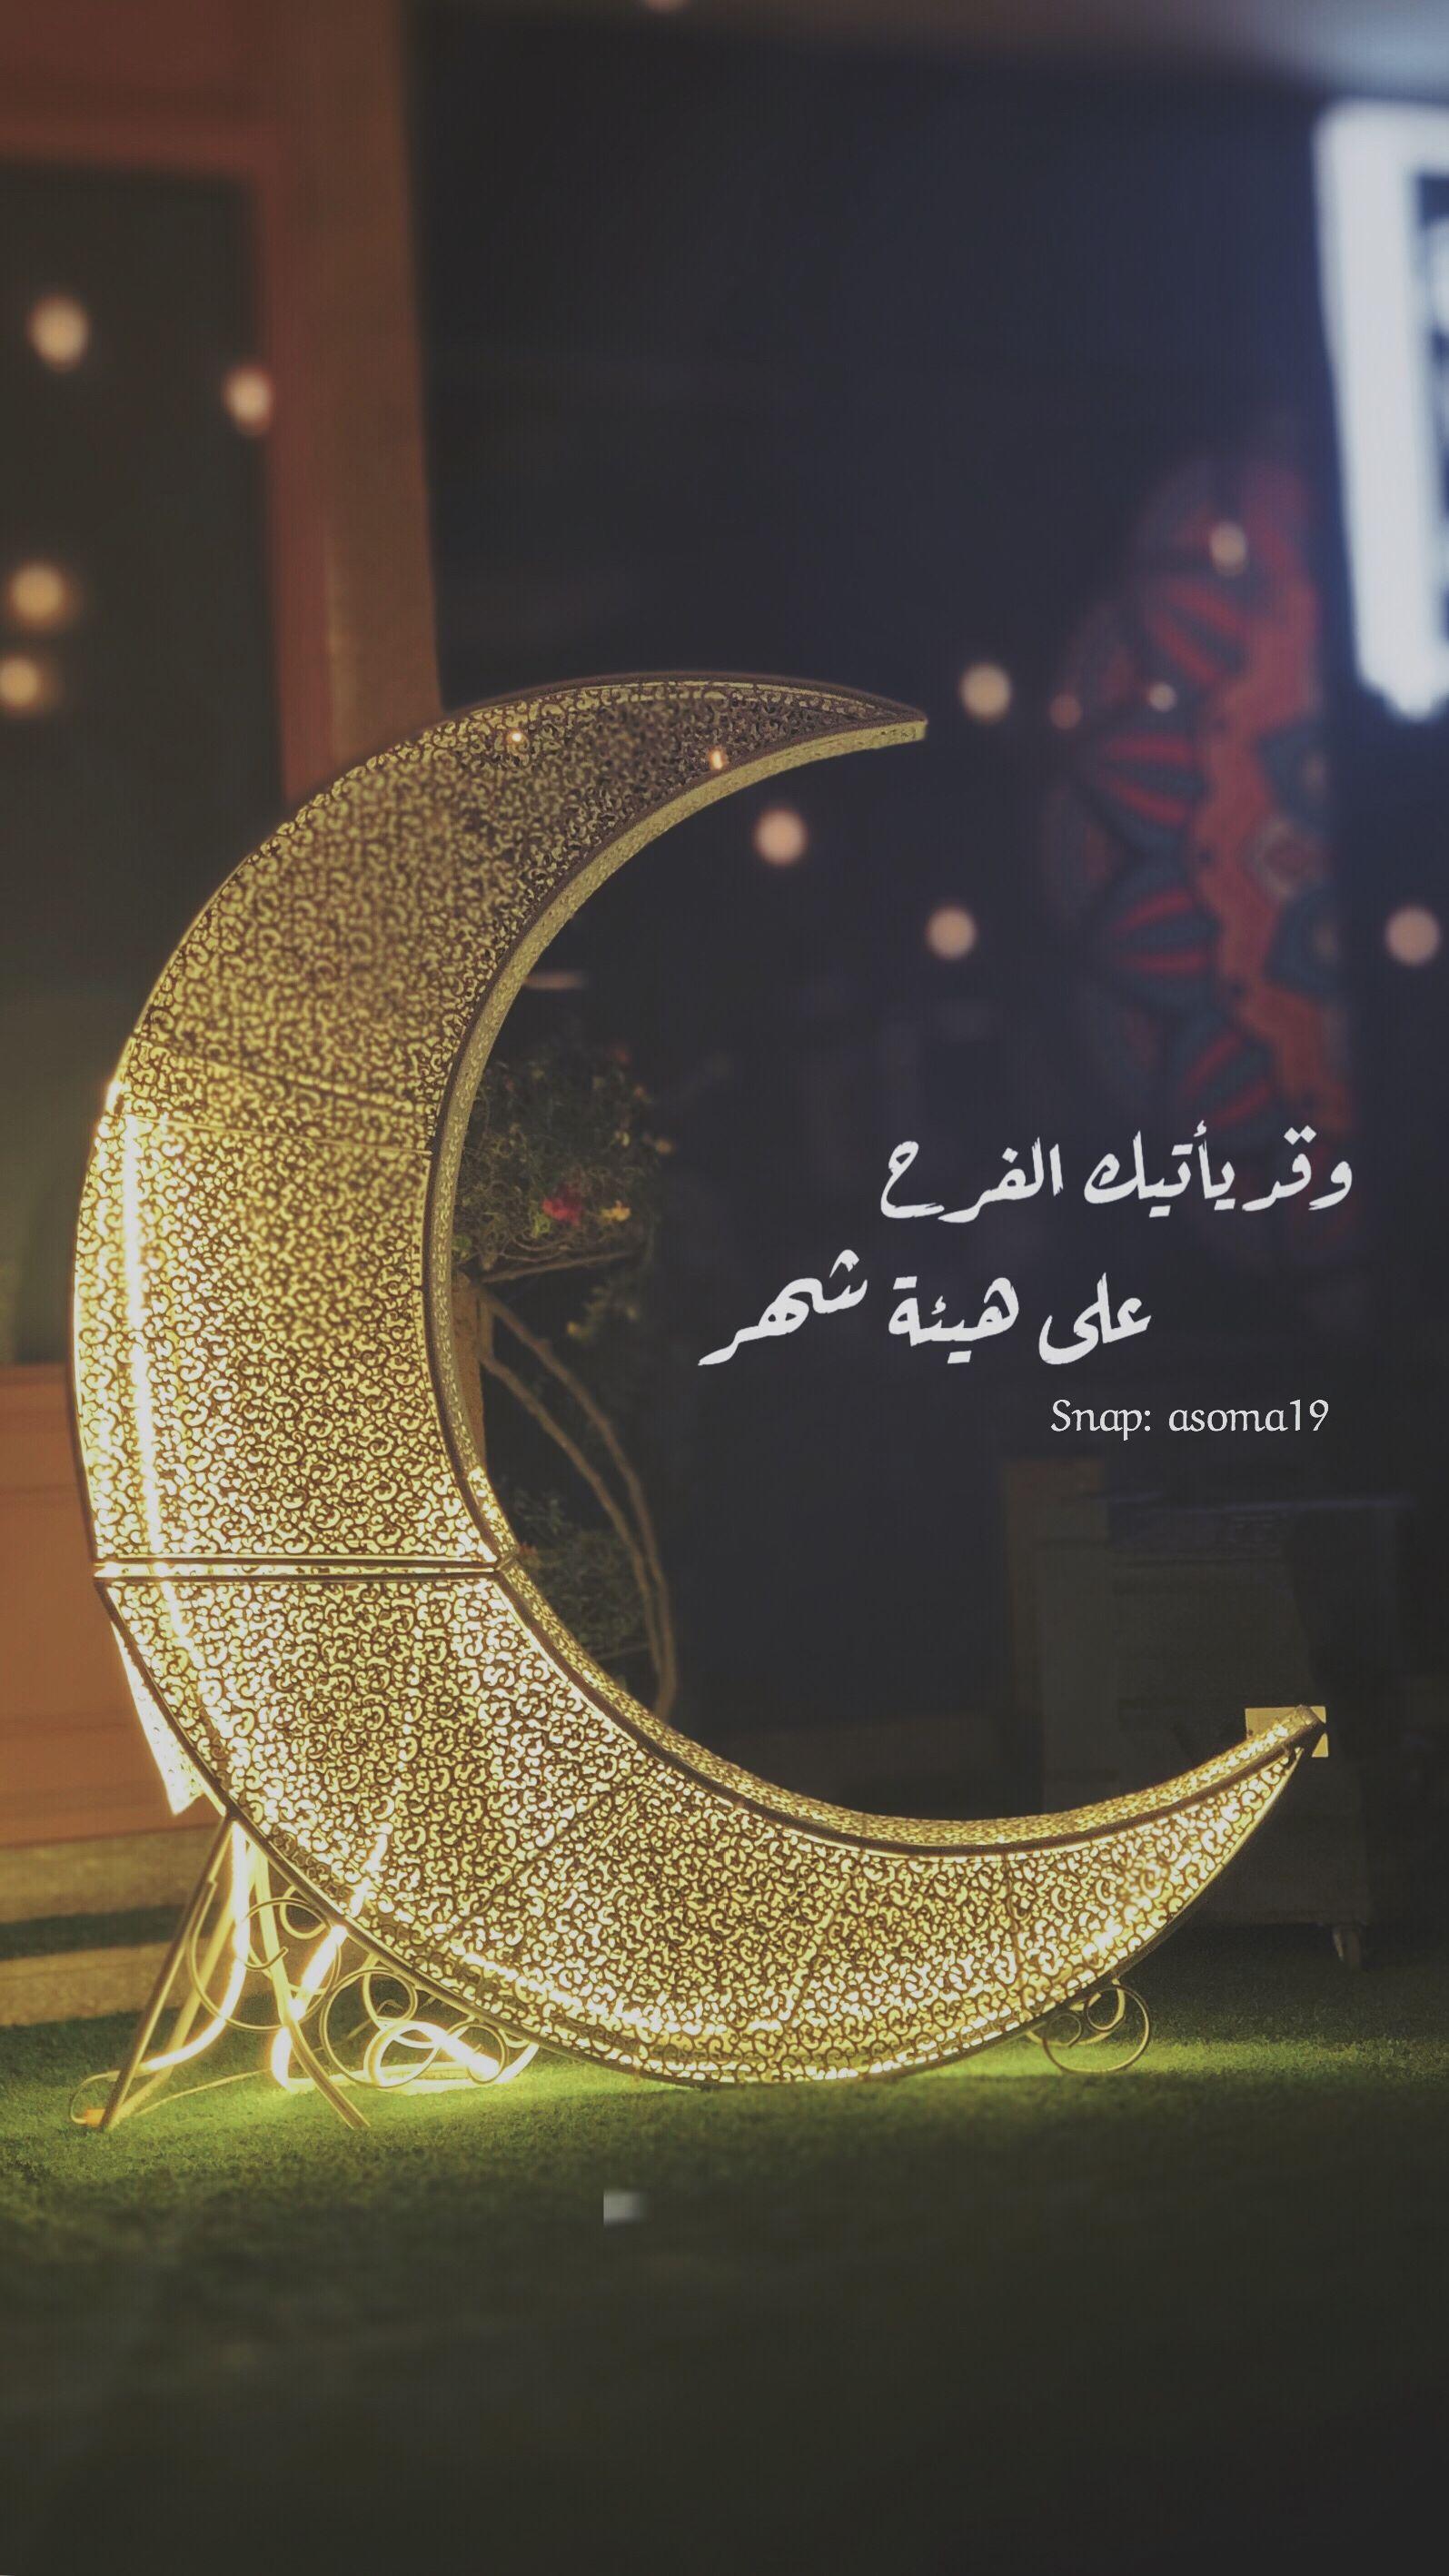 Pin by Semsem🦋 on ﮼يوميات Ramadan crafts, Ramadan